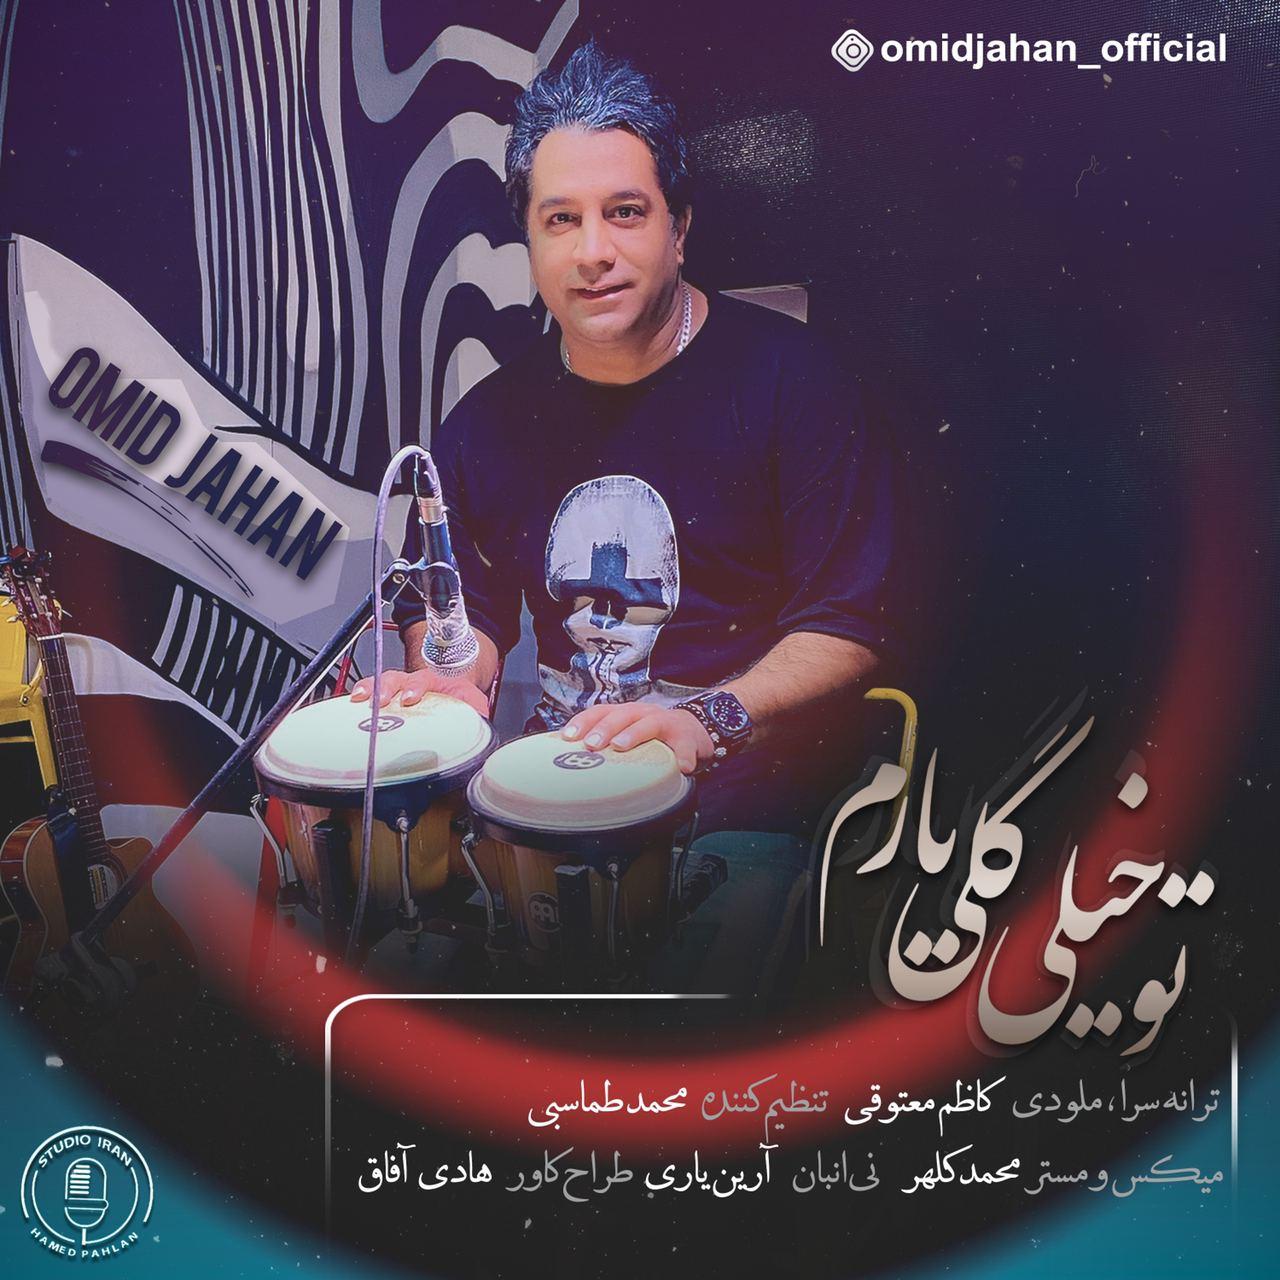 Omid Jahan – To Kheili Goli Yaram